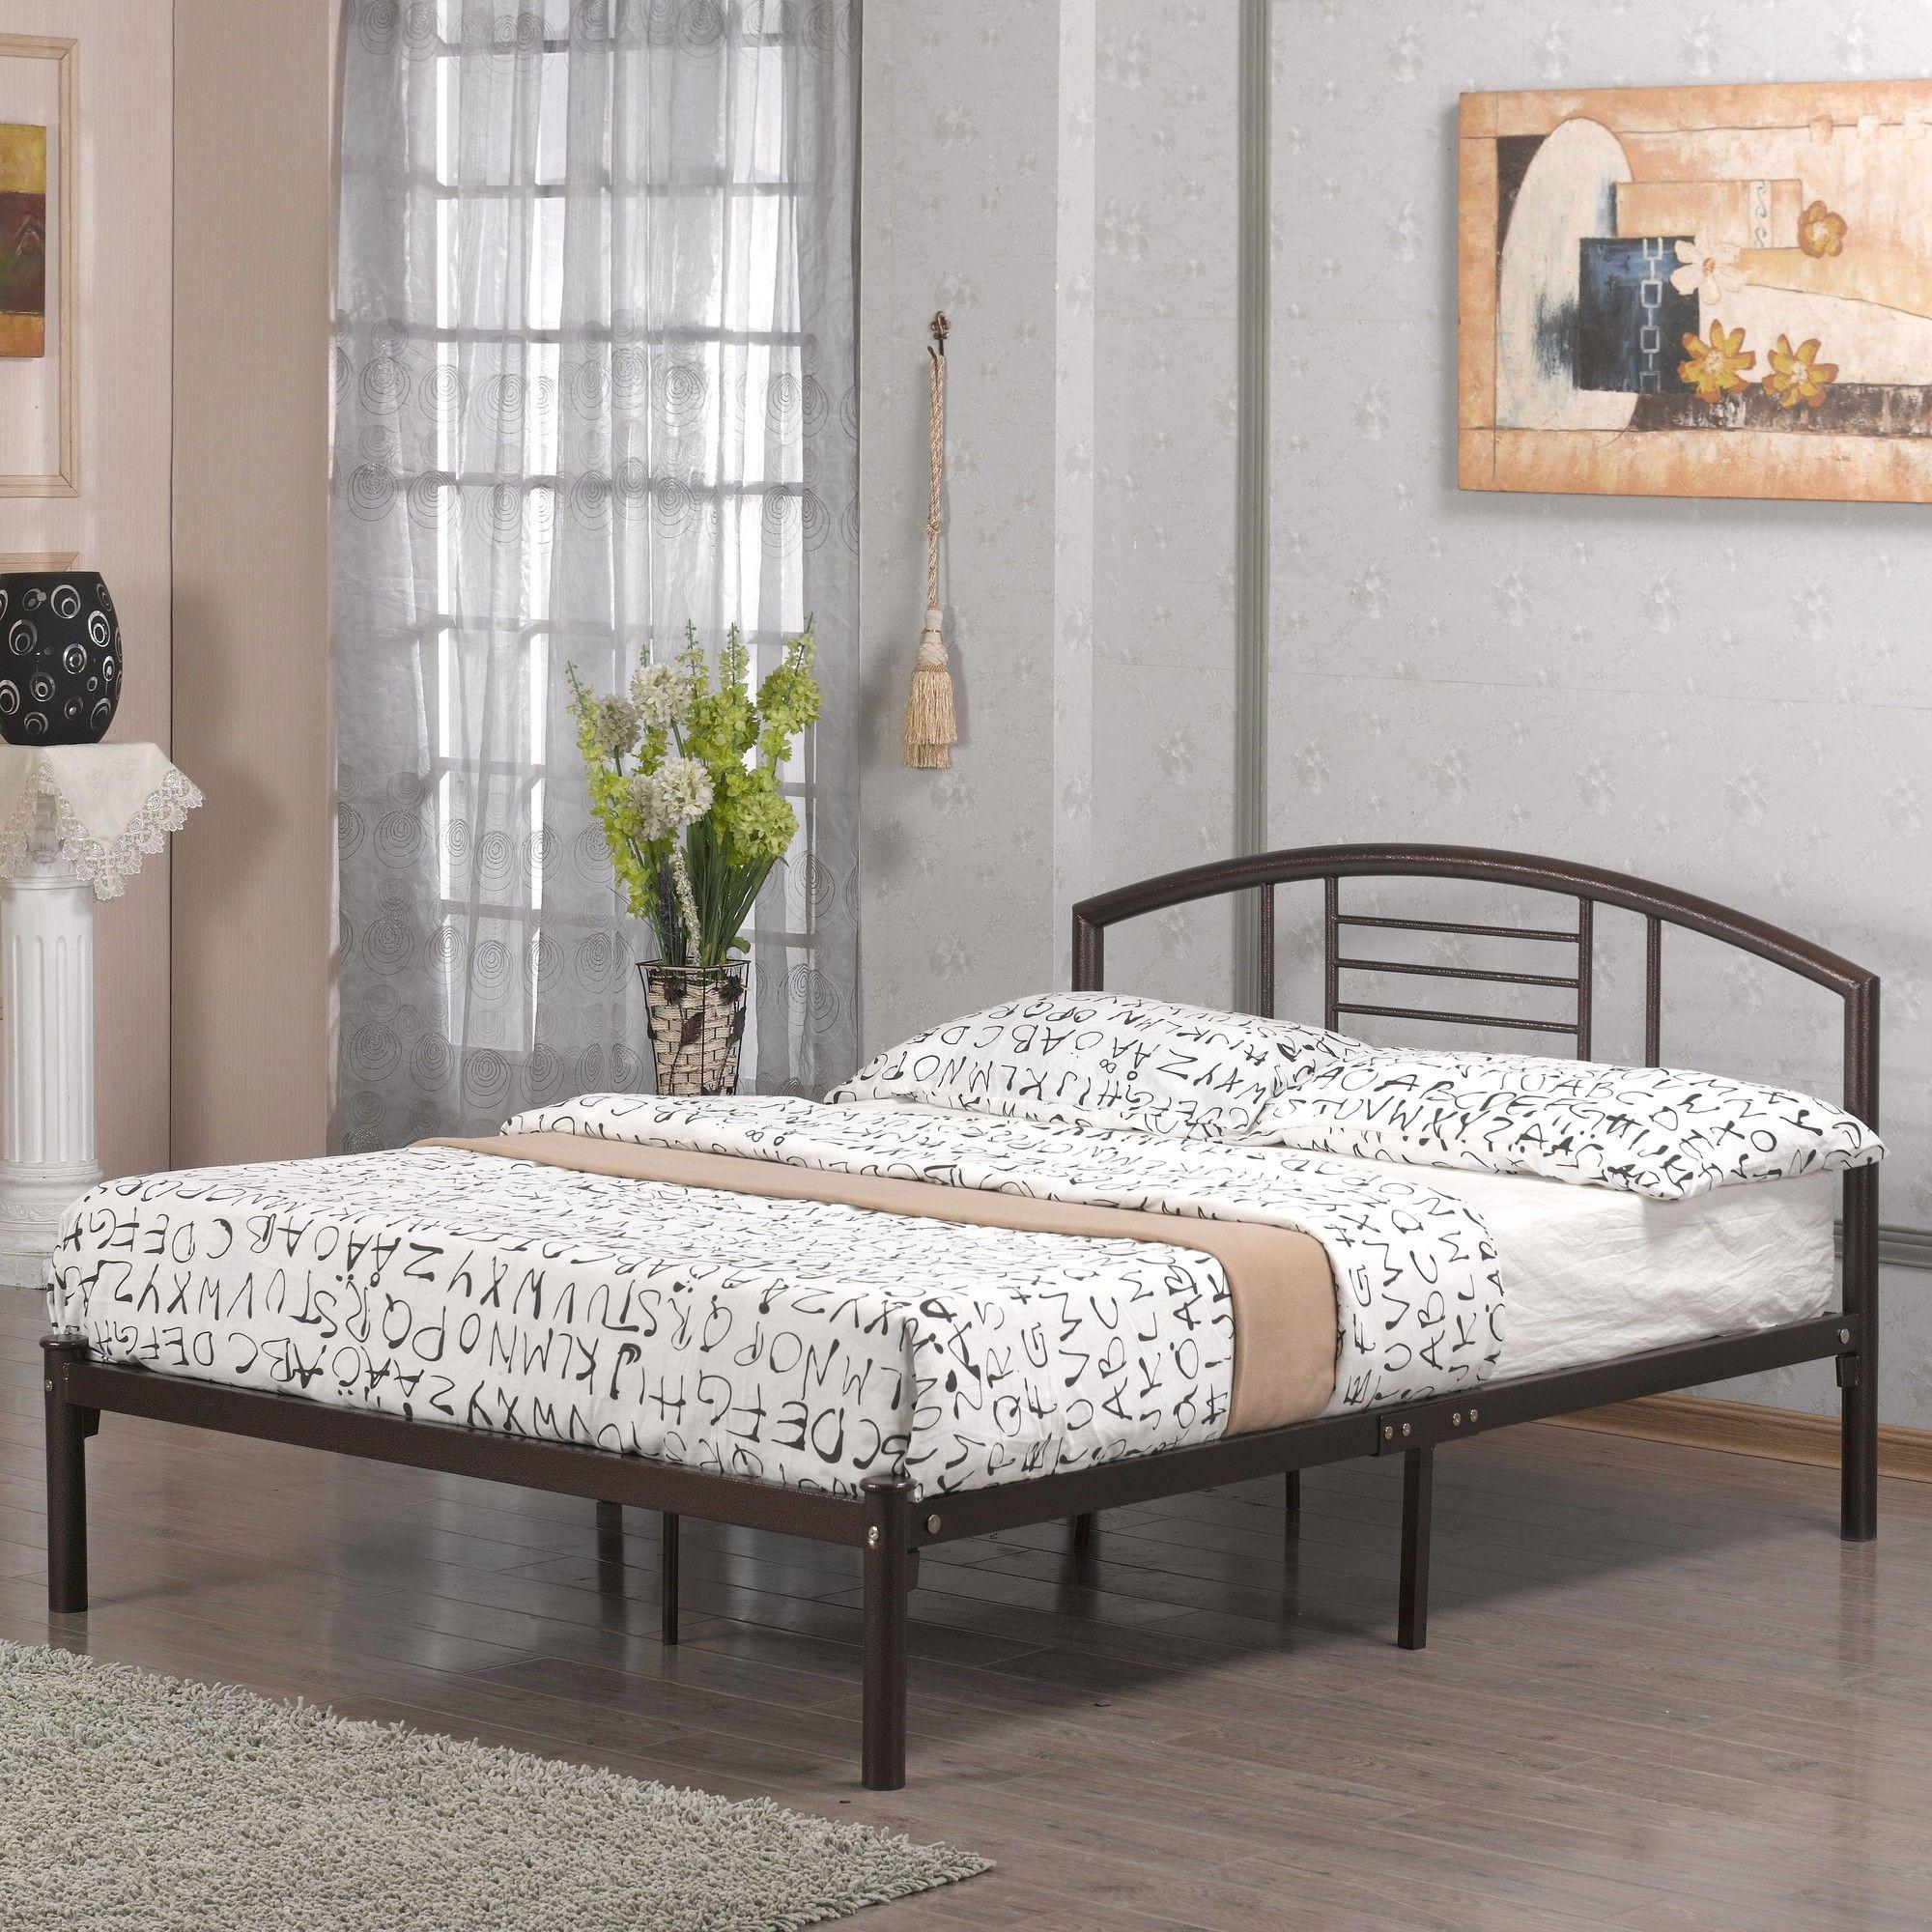 Alanna Standard Bed Metal platform bed, Bed frame